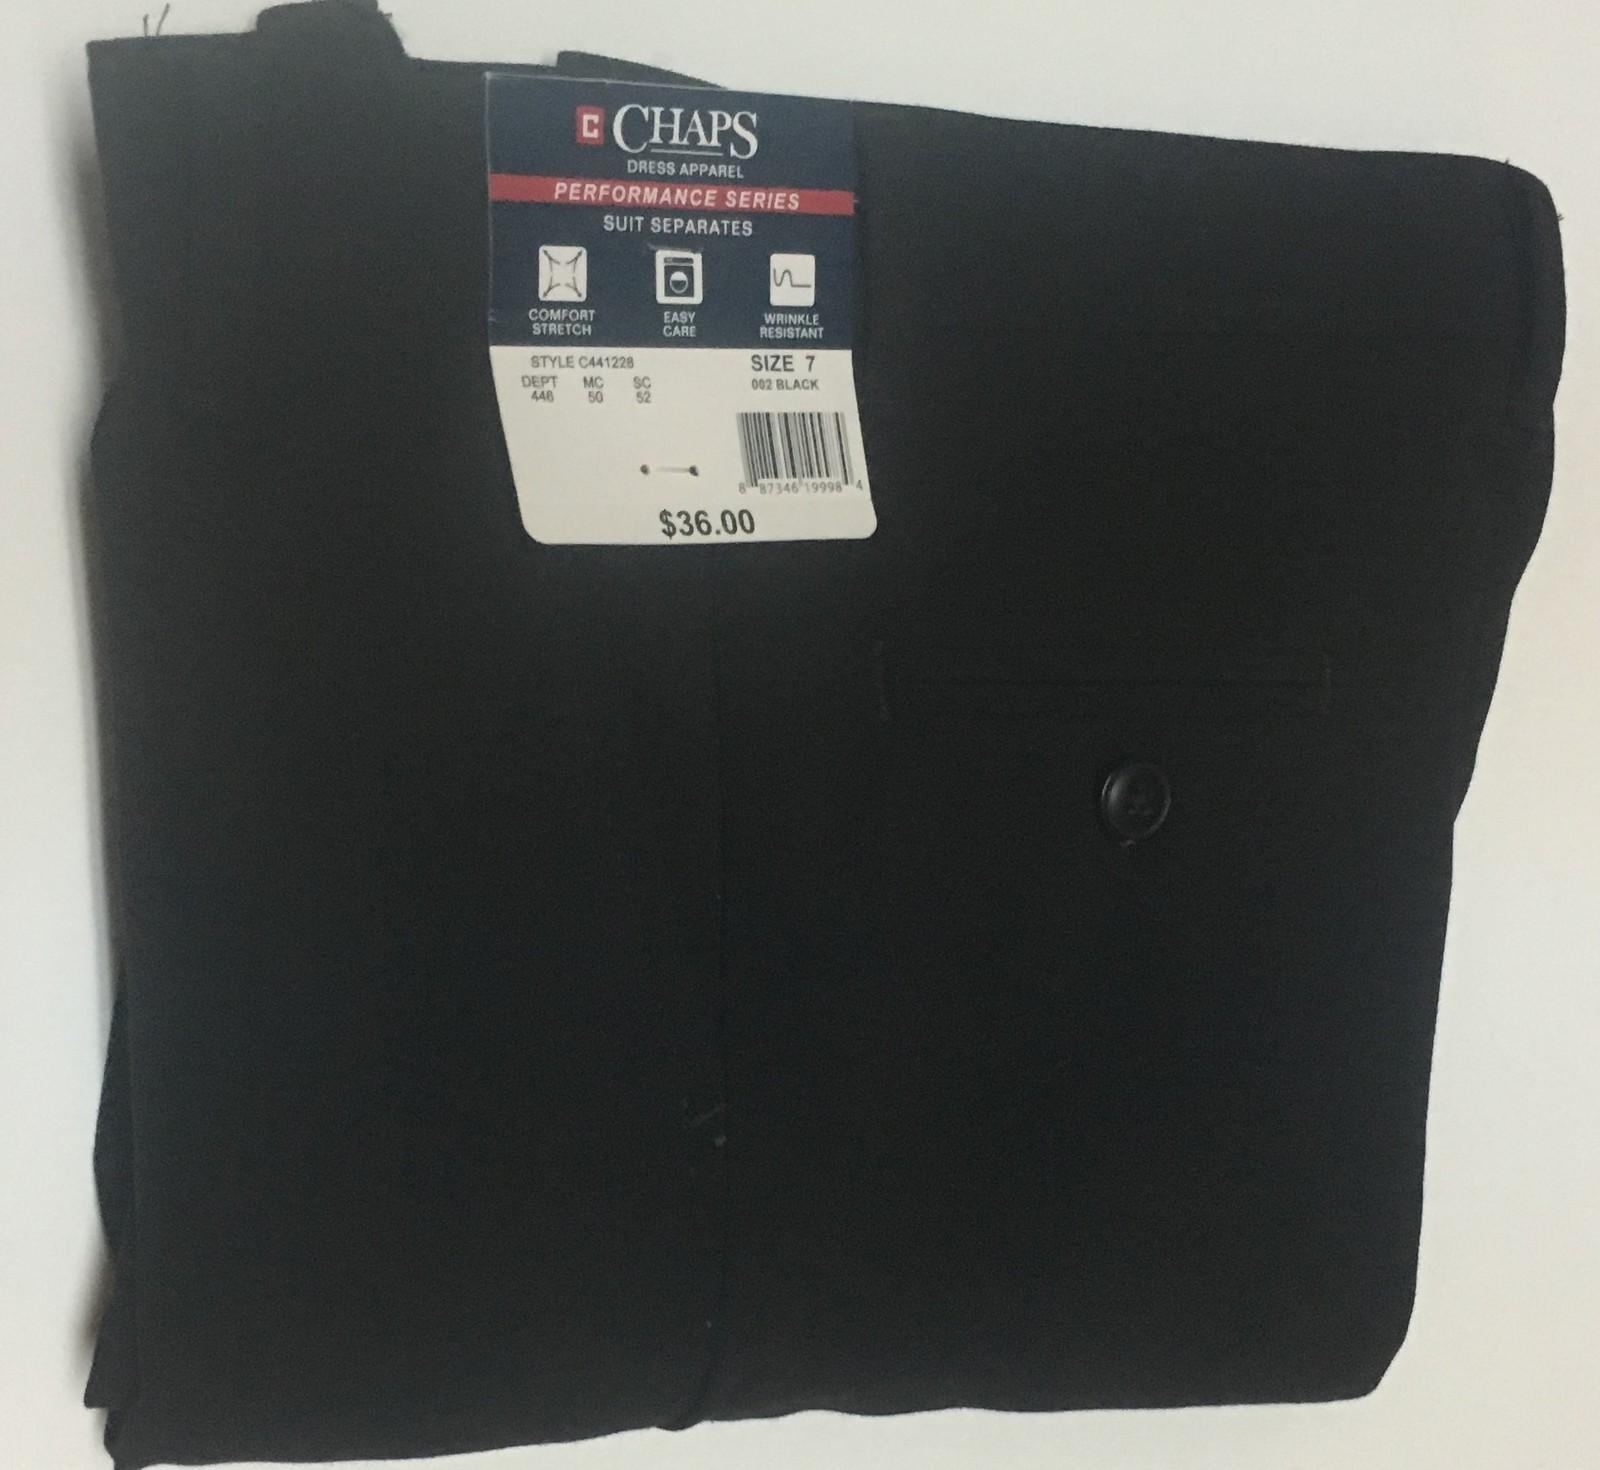 CHAPS Boy's Black Dress Pants SZ 7 NWT